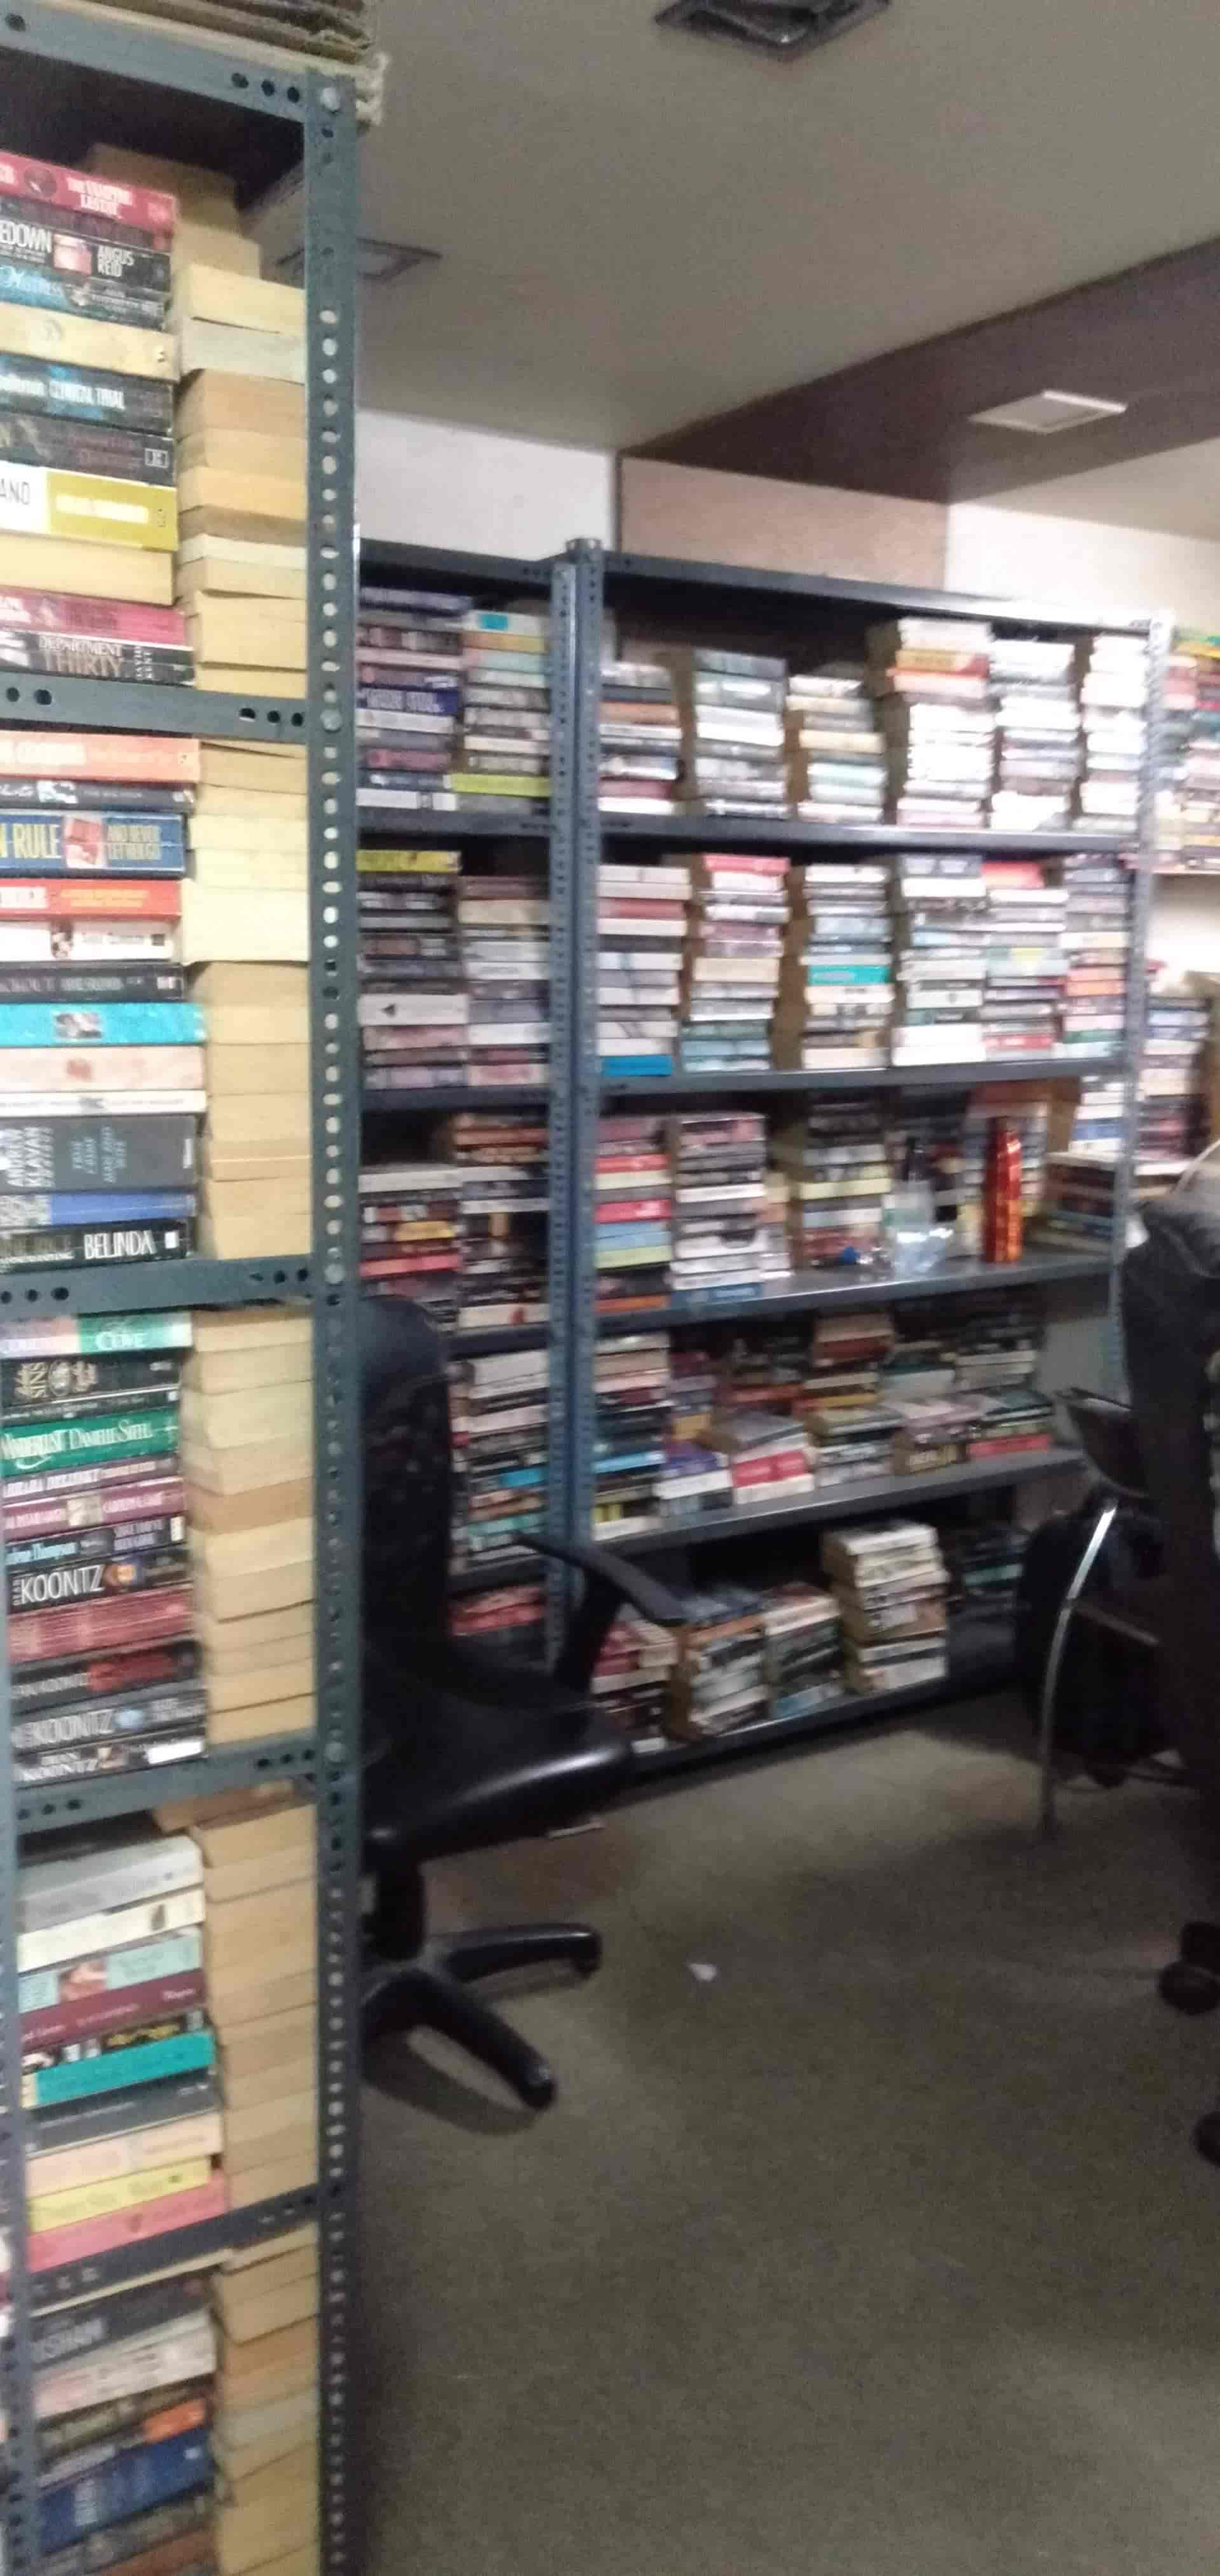 Guru Krupa Circulating Library, Borivali West - Libraries in Mumbai